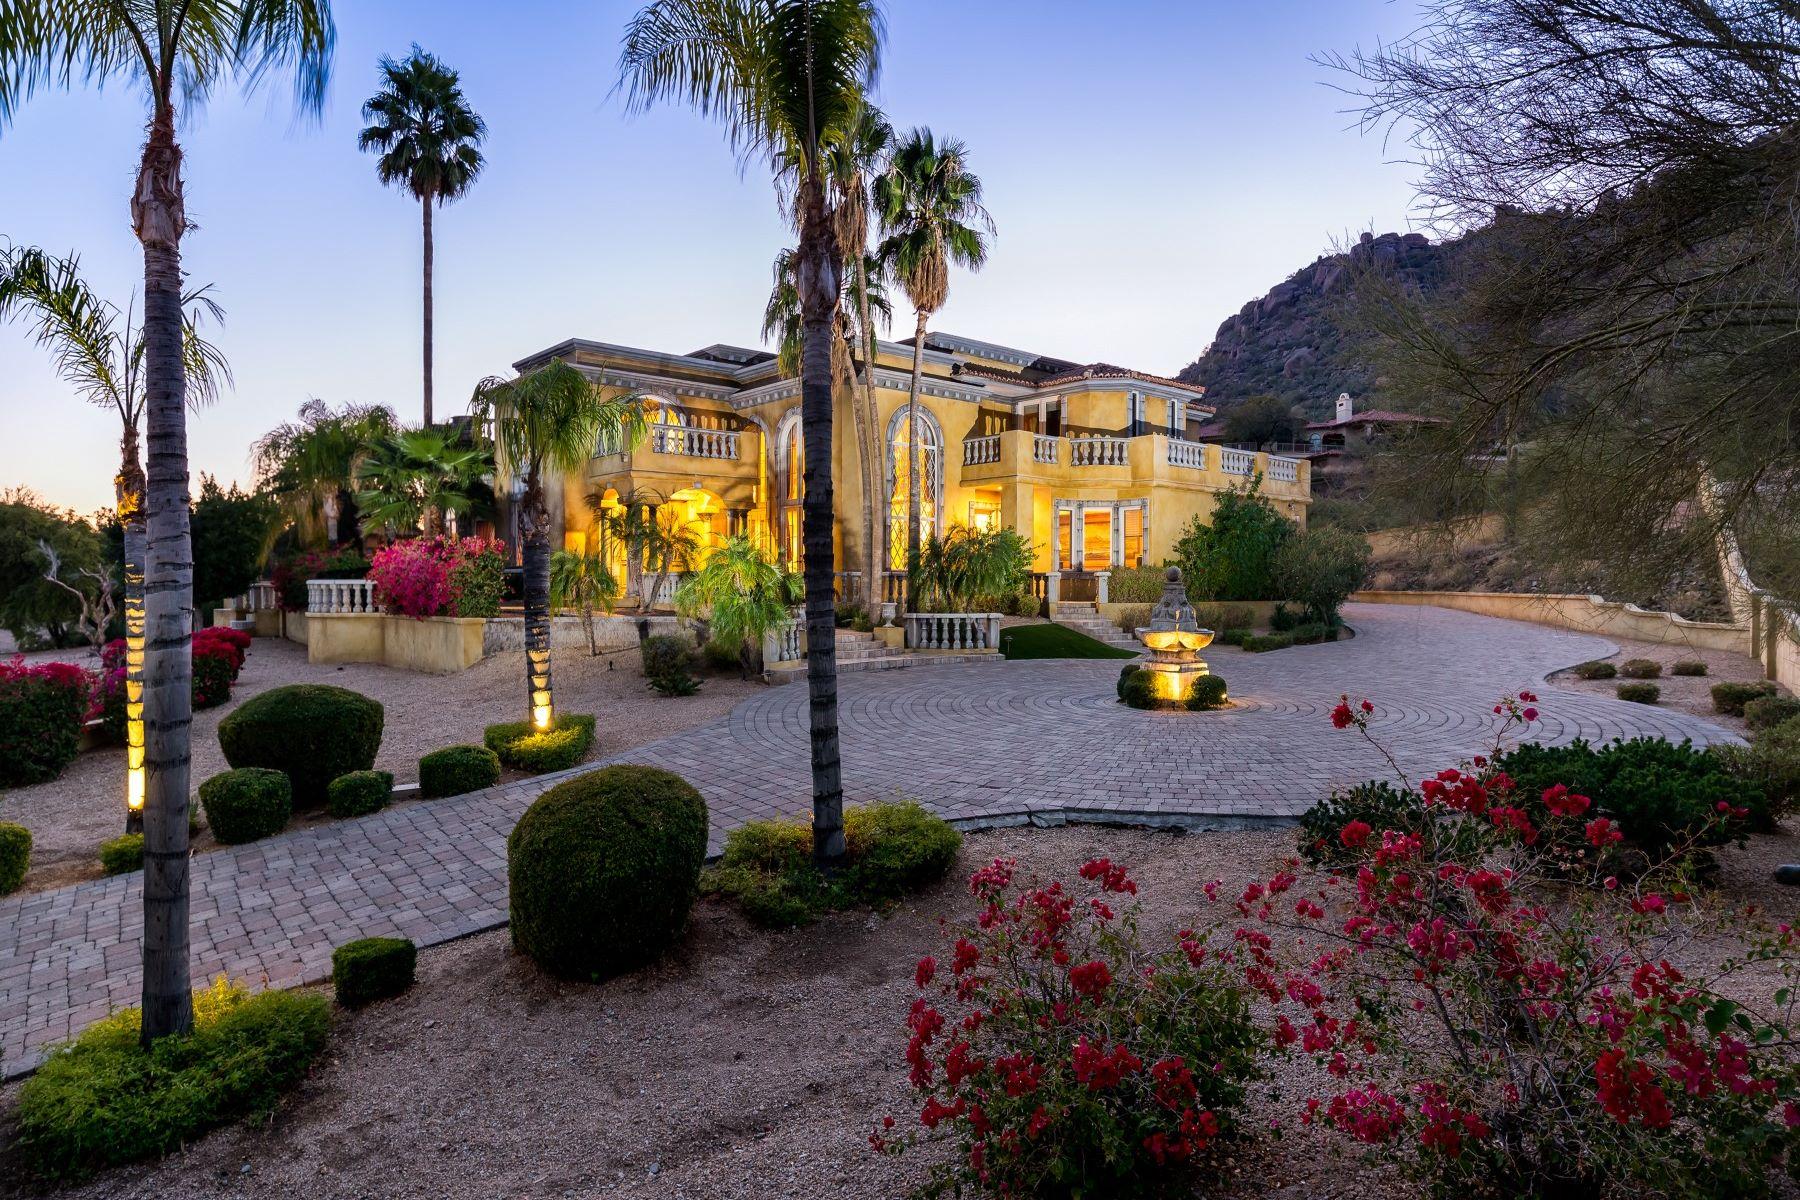 Moradia para Venda às Handcrafted Mediterranean Estate 35802 N MEANDER WAY, Carefree, Arizona, 85377 Estados Unidos